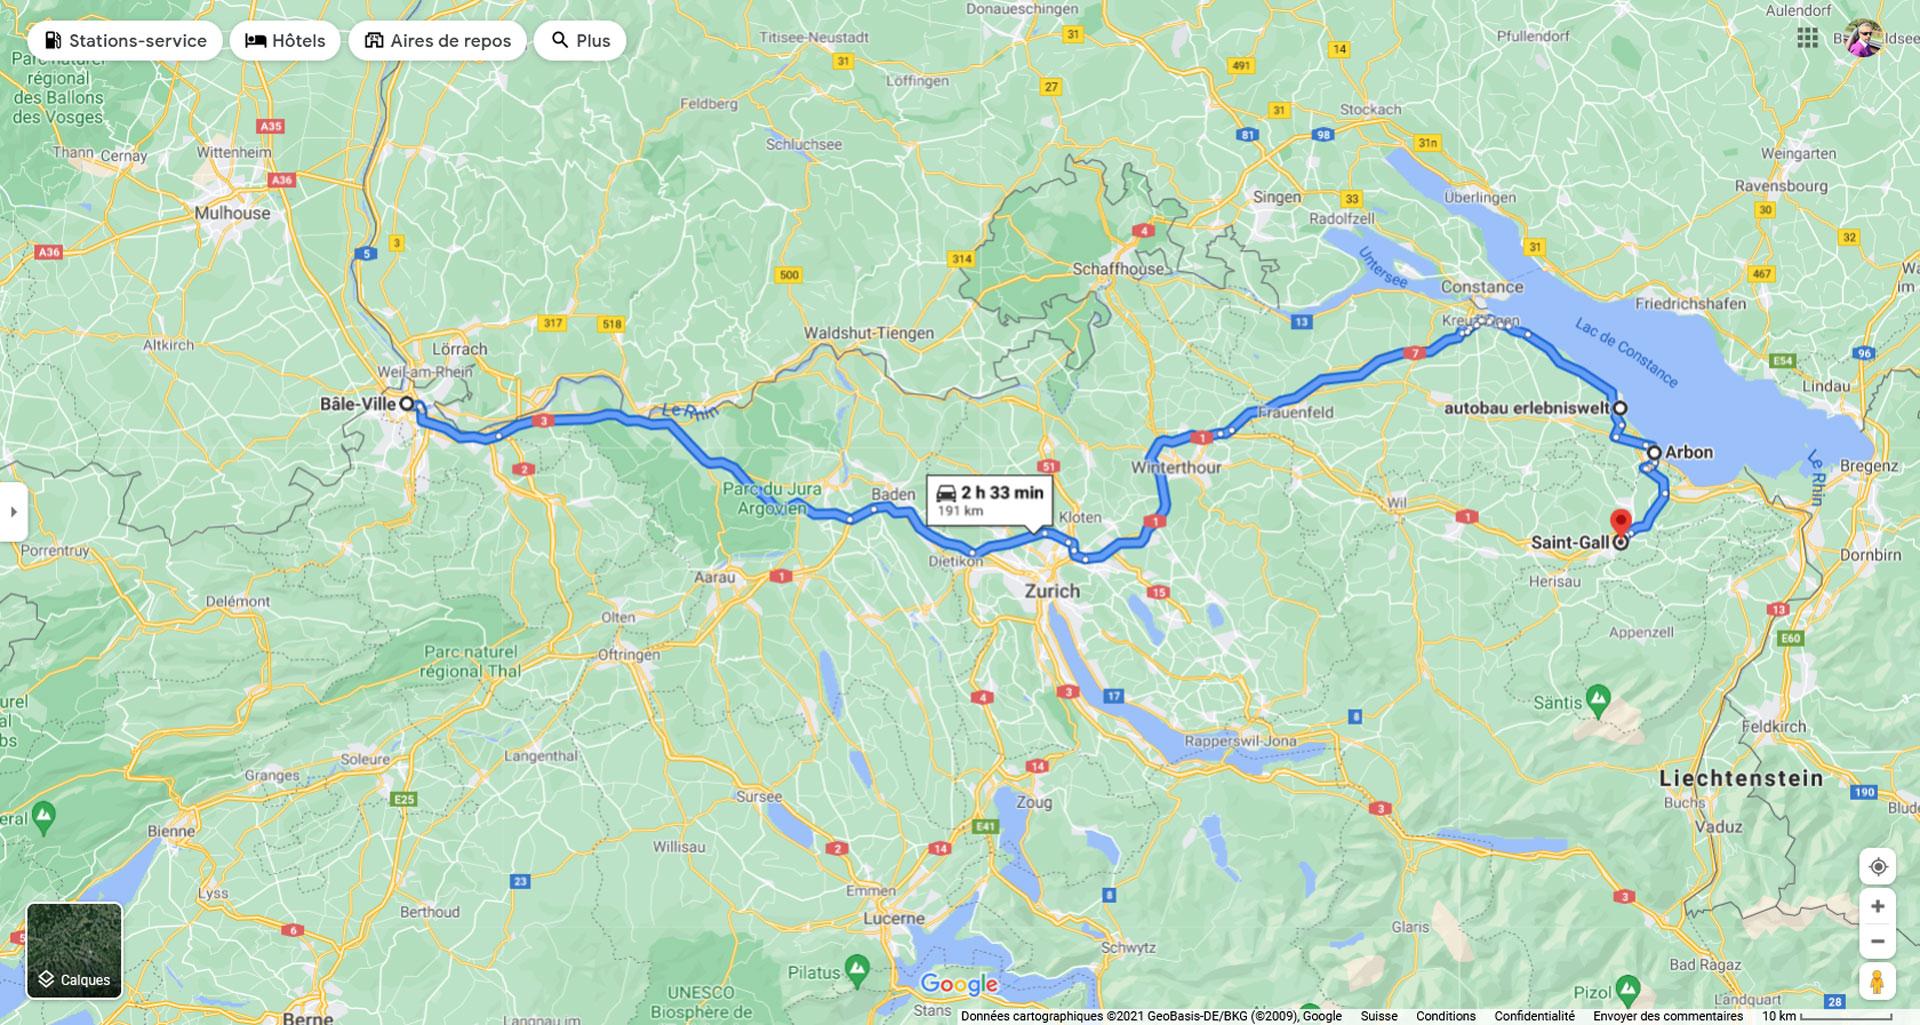 2021, roadtrips, suisse nord-est